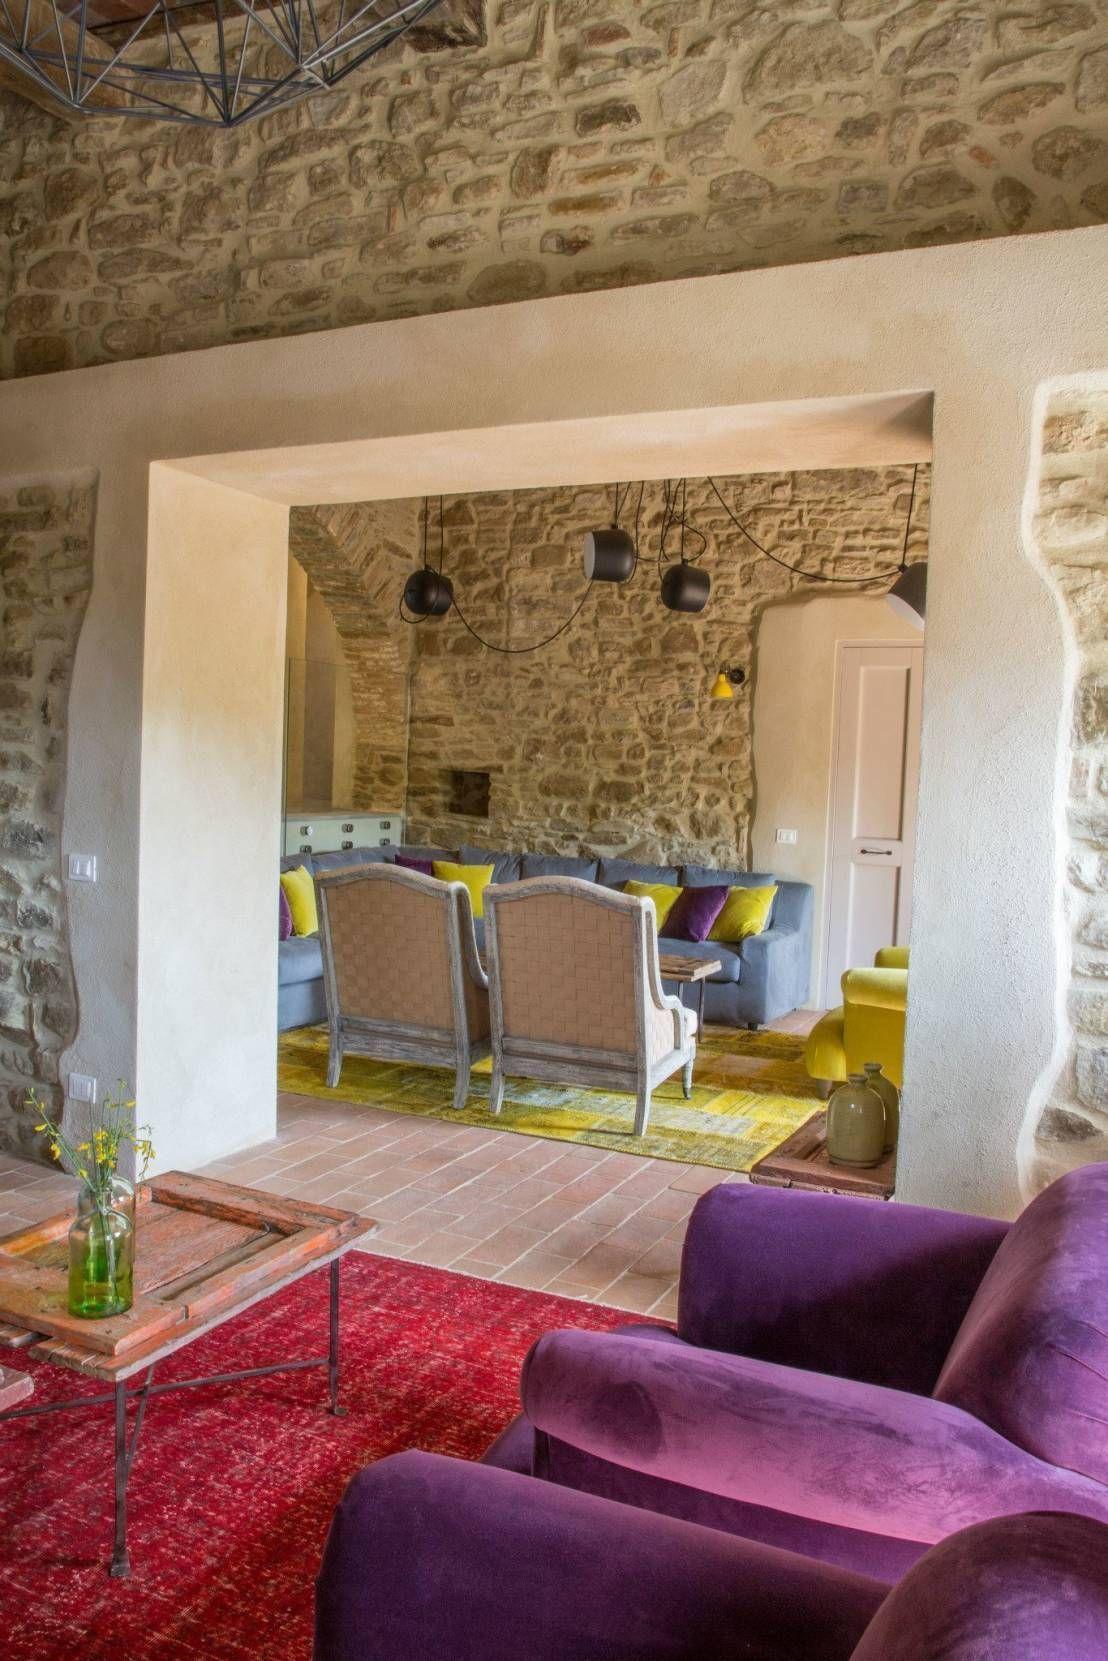 Casale SpecialUmbria.com di Marcello Gavioli | Luxe decor, Country ...